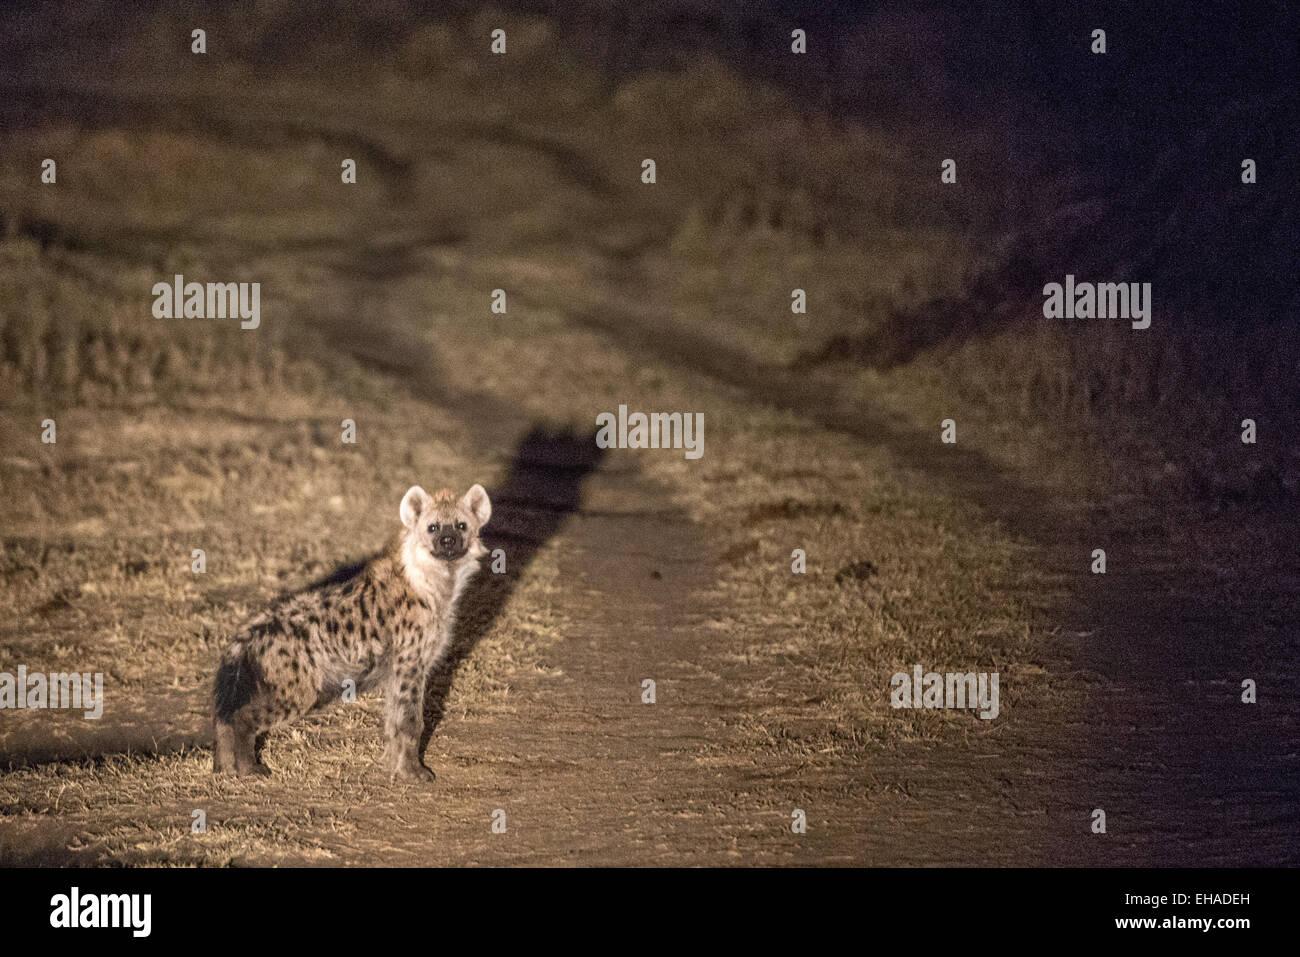 Serengeti NP, Hyena - Stock Image